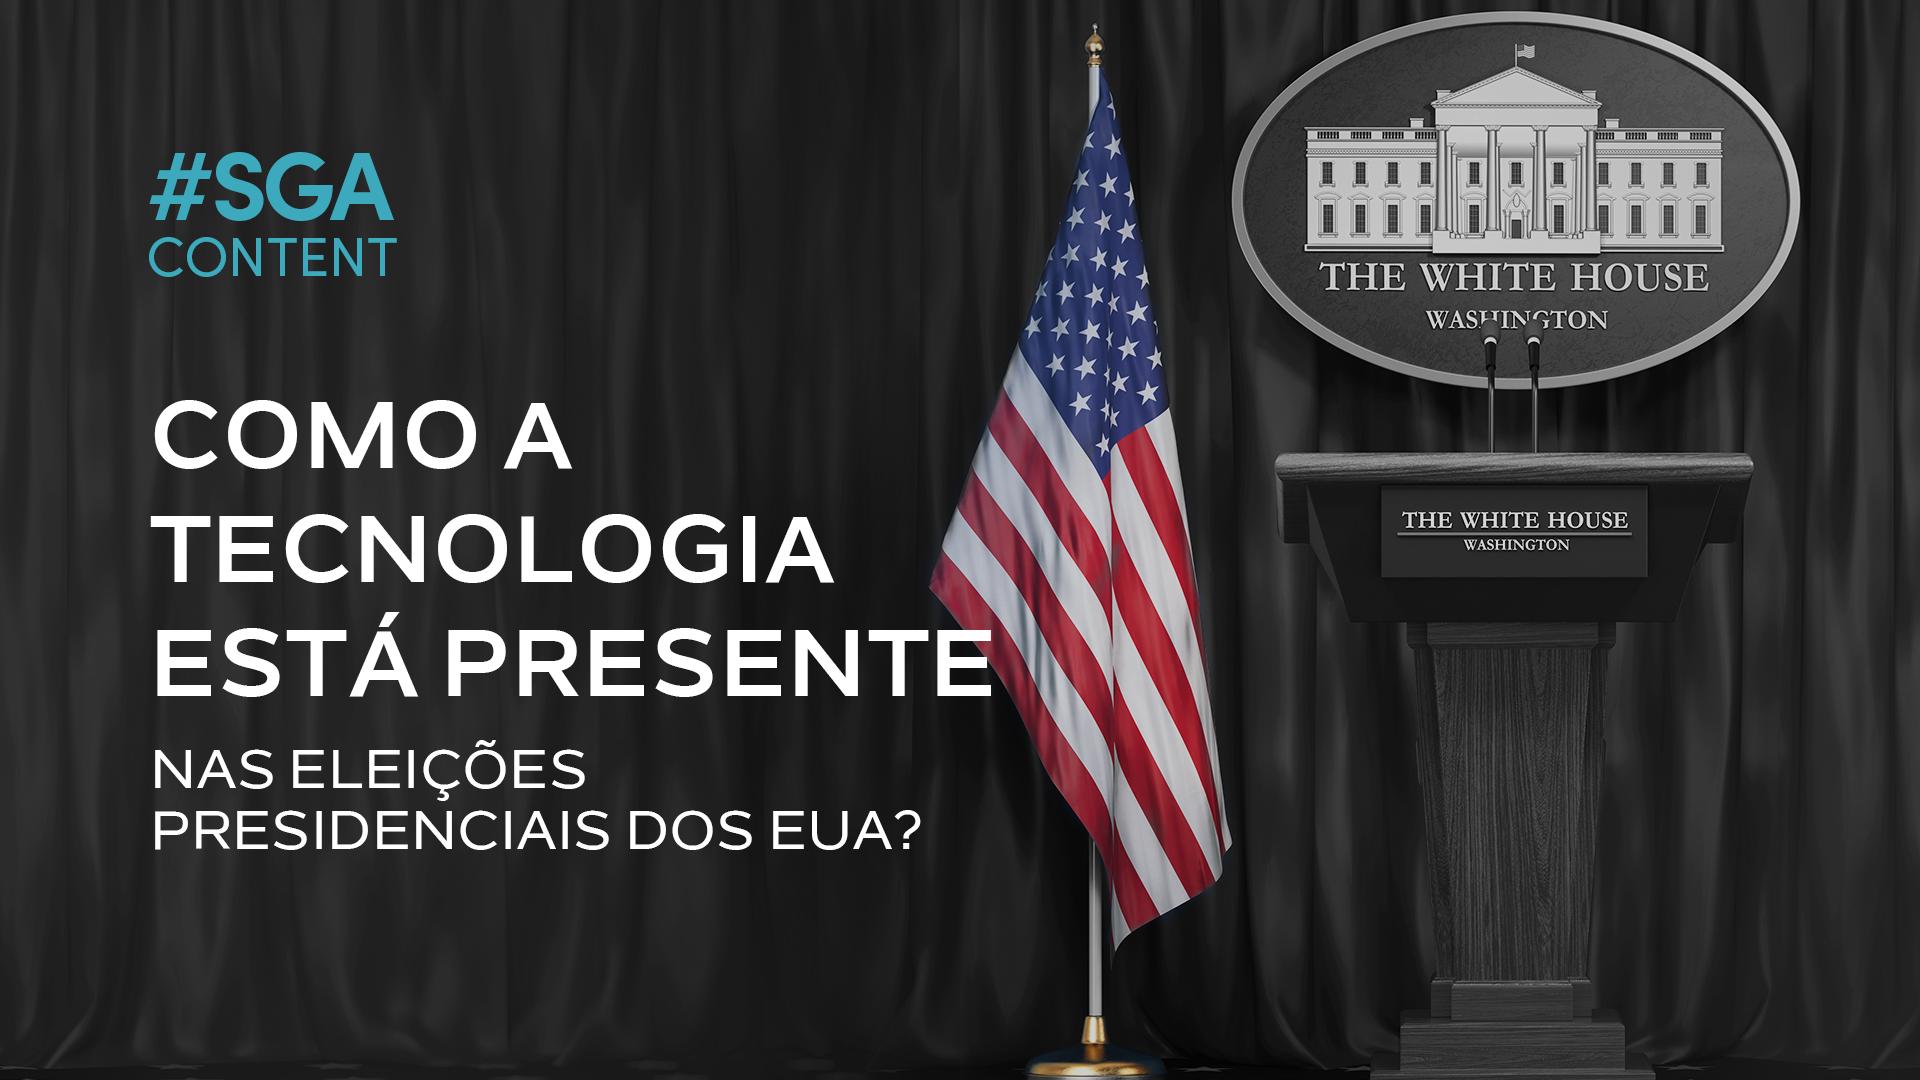 SGAContent_Eleicoes presidenciais EUA_blog (1)